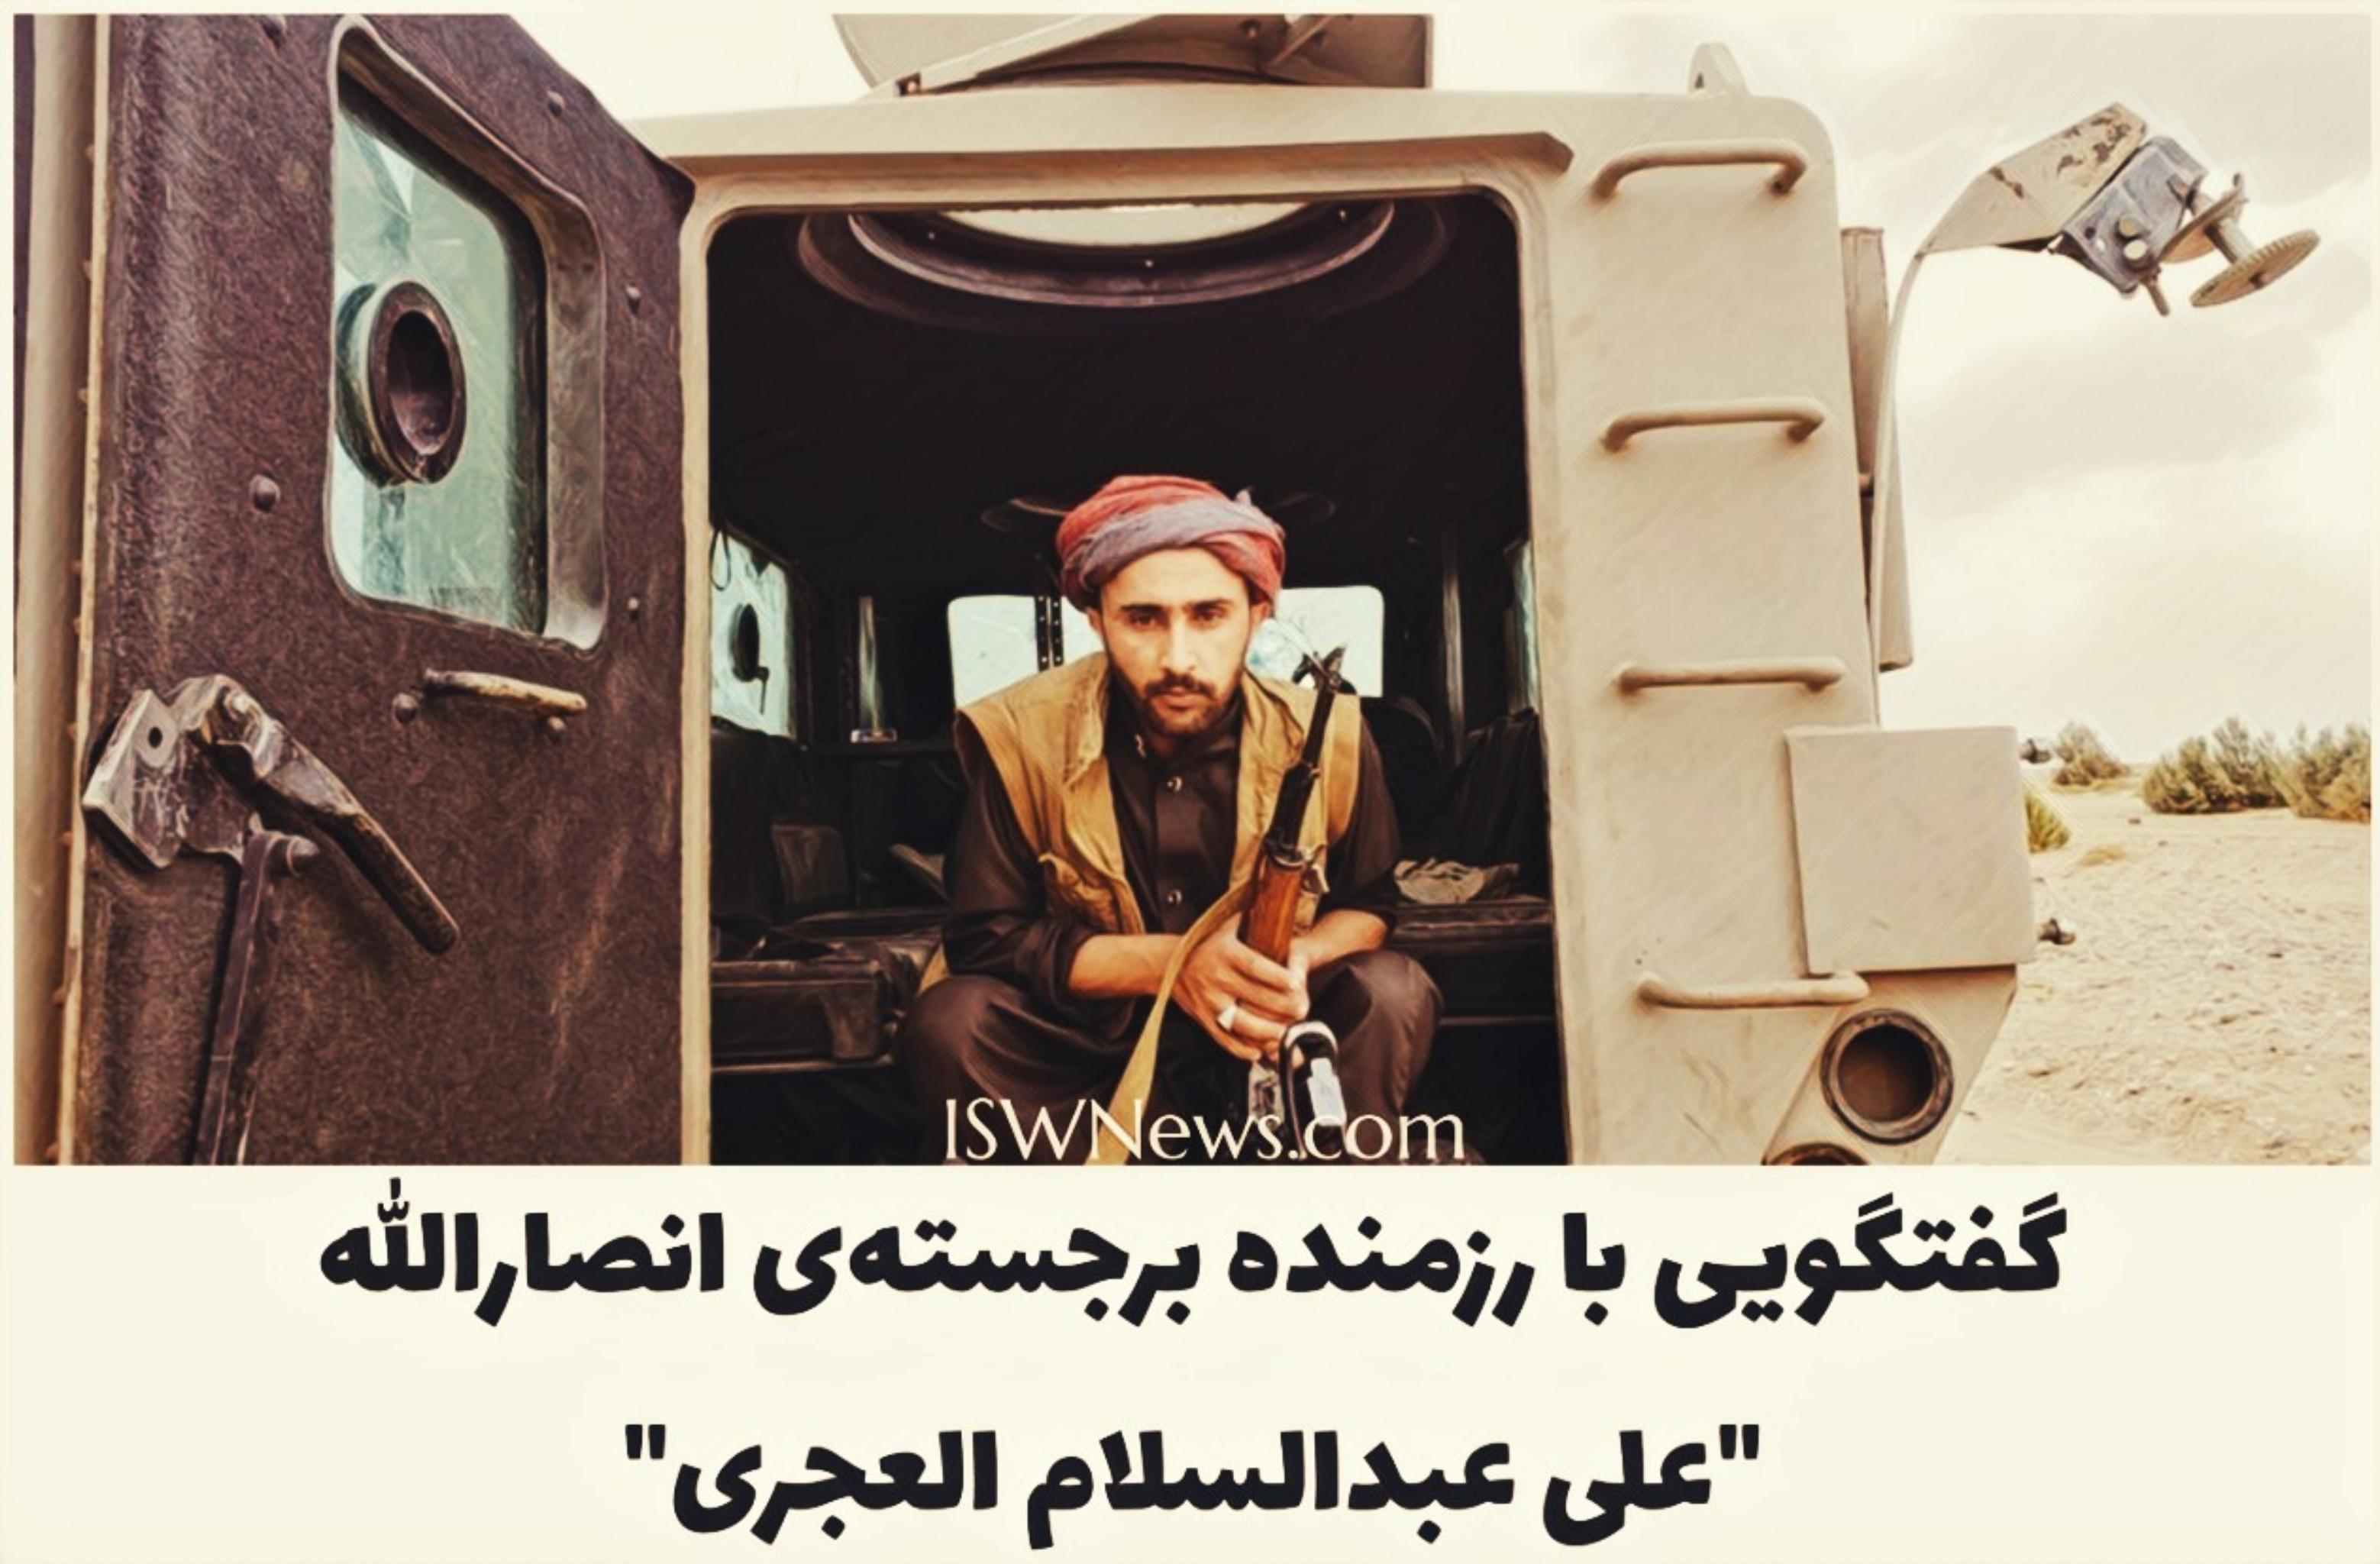 mosahebeh_ali-abdolsalam-alegry_06_20_1.